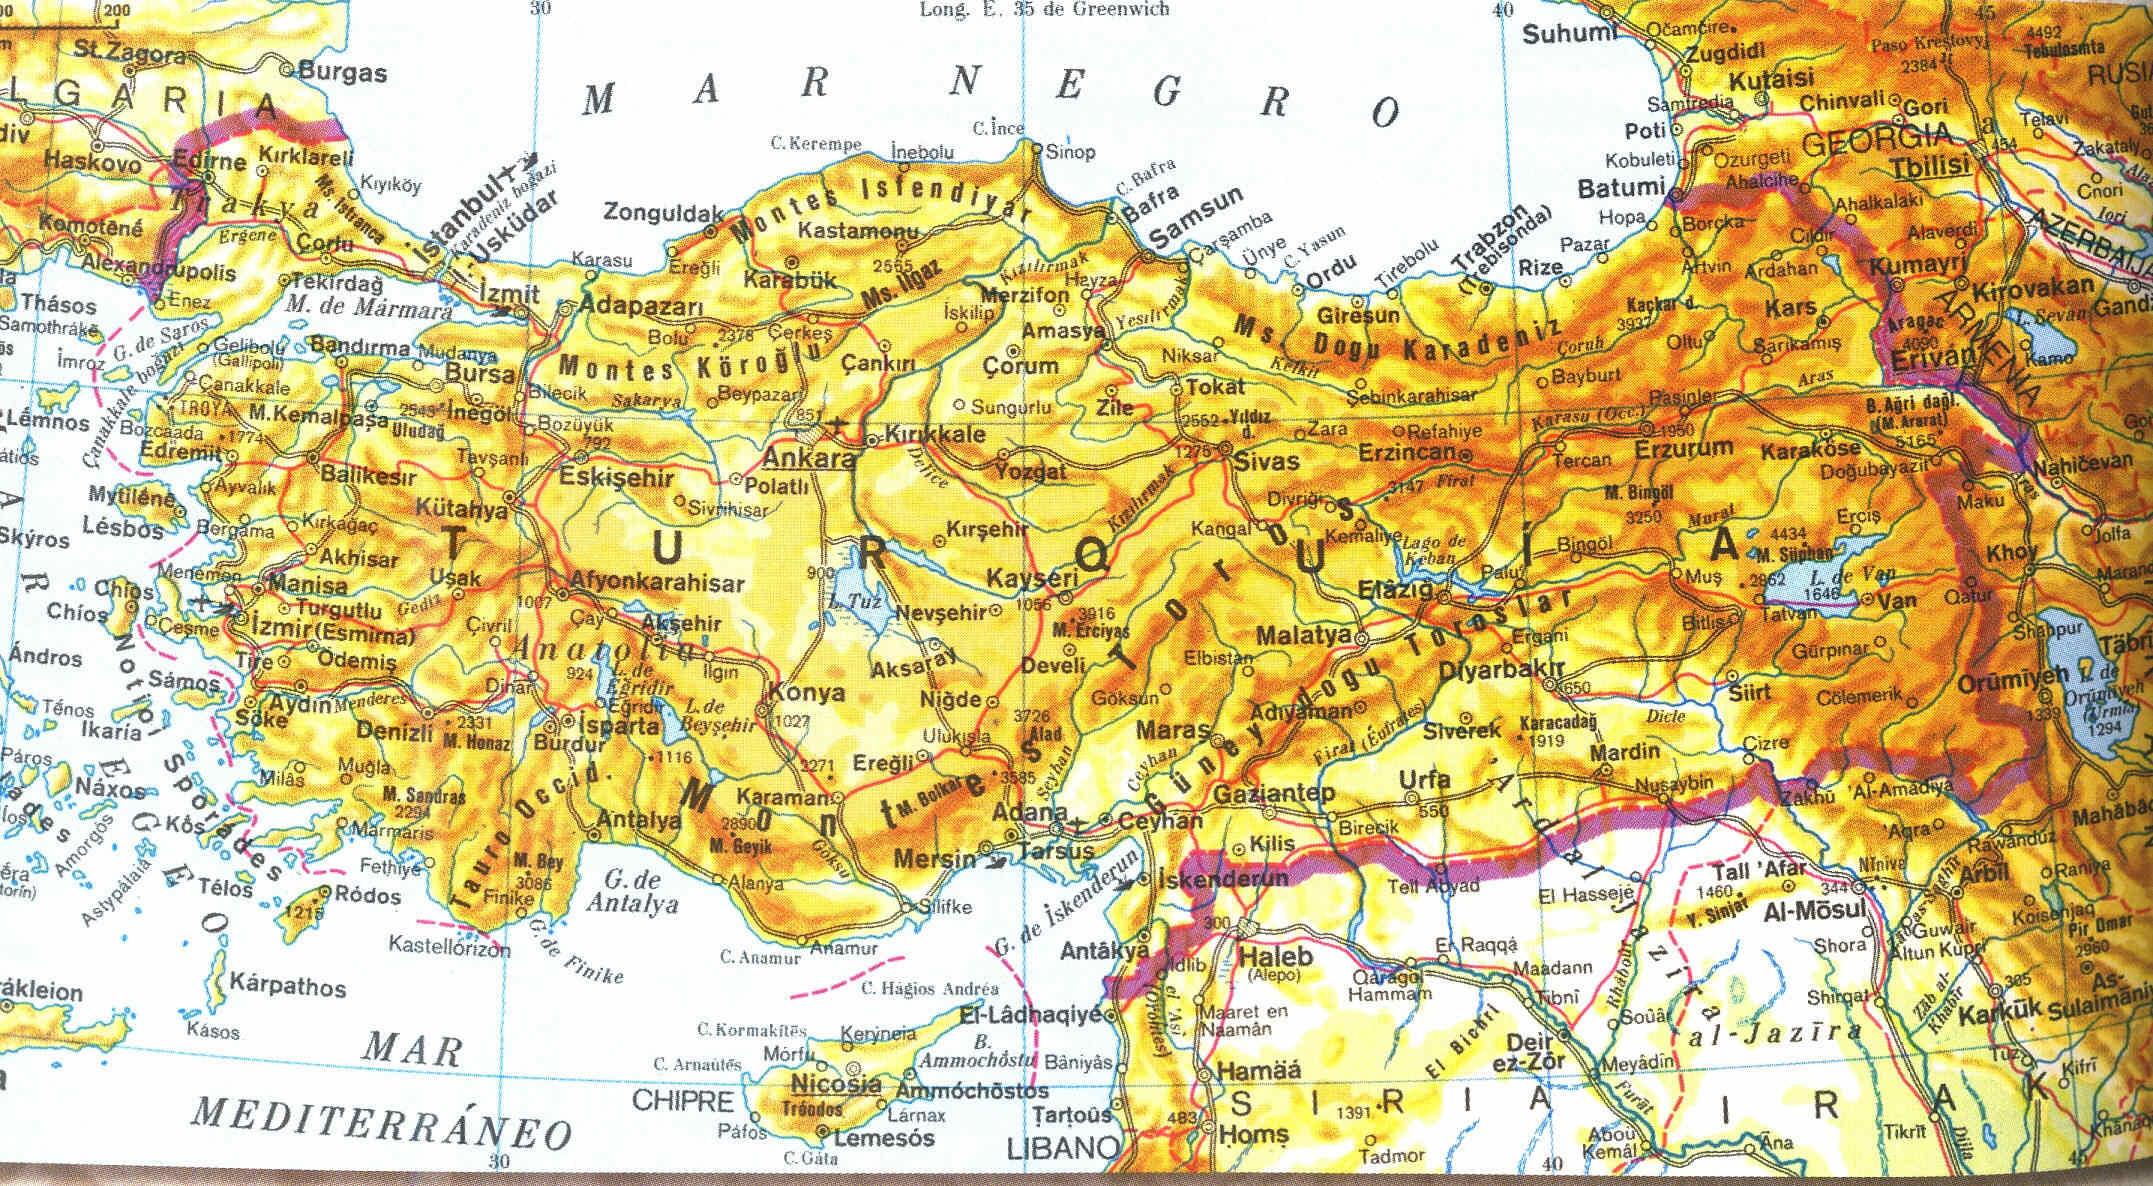 Placas tectónicas desconocidas en el mundo helenístico 9